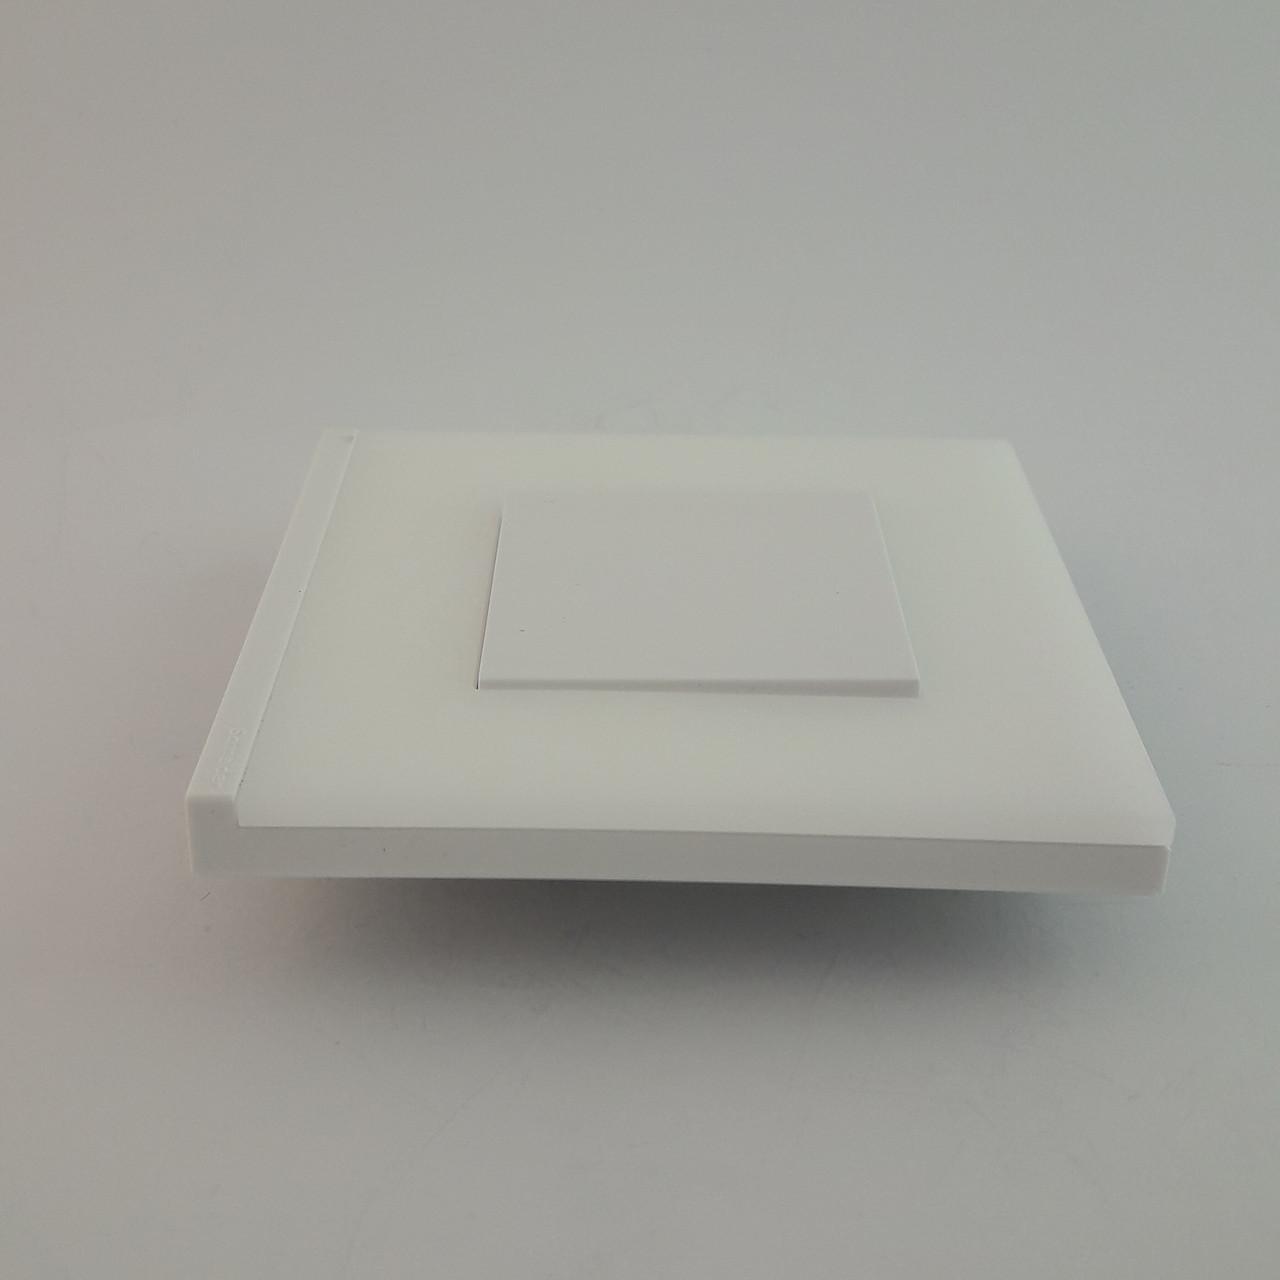 Рамка 4 постовая Unica Pure, матовое белое стекло, 4х2 модуля